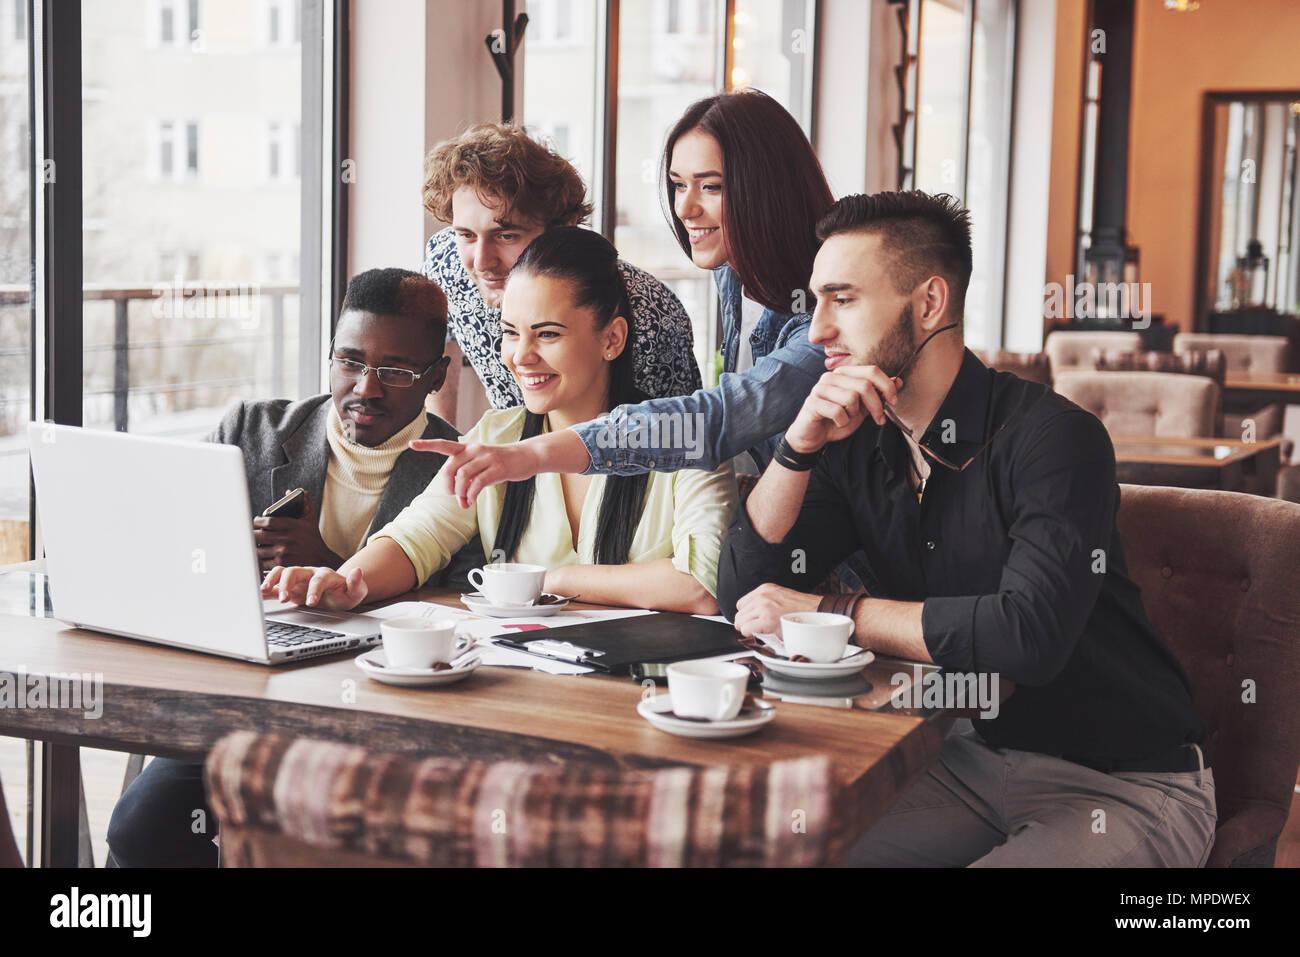 Portrait de groupe de vieux amis communiquer les uns avec les autres, ami posant sur cafe style urbain, les gens s'amuser, des concepts à propos de l'Unité jeunesse de vie. Connexion Wi-Fi au réseau local connecté Photo Stock